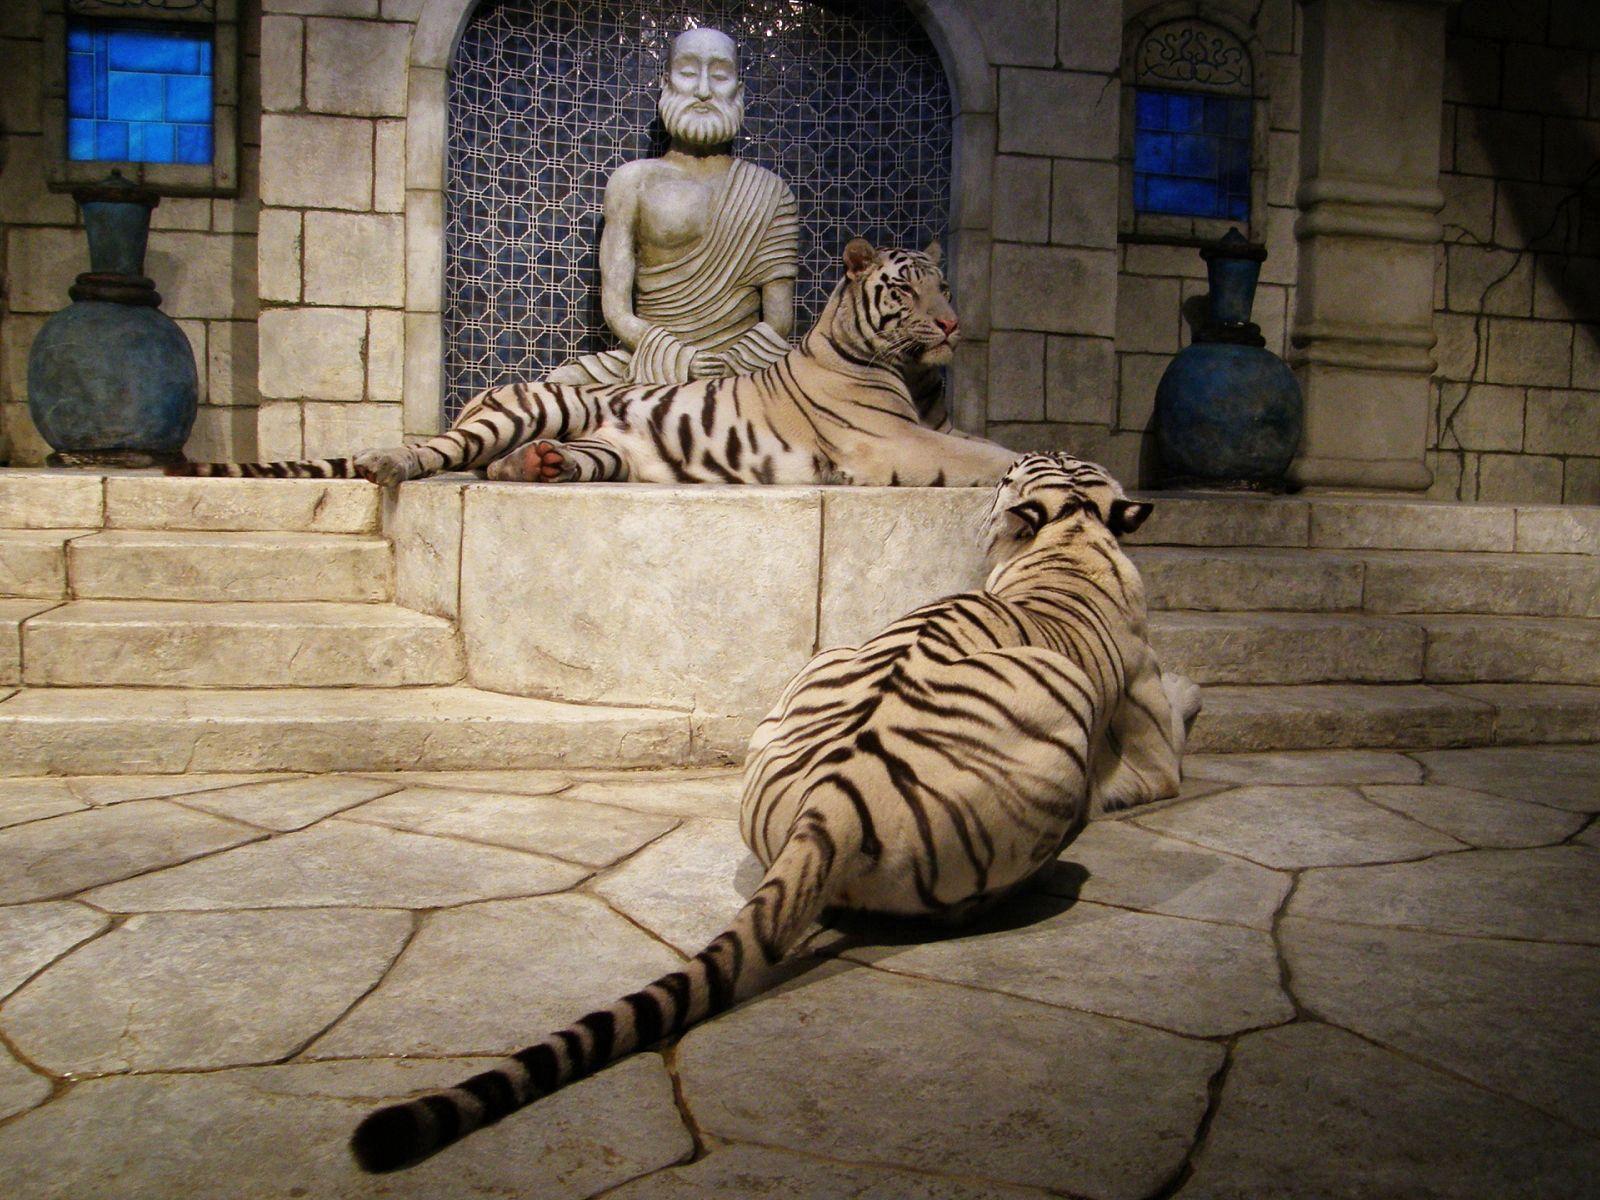 106577壁紙のダウンロード動物, ルーム, 部屋, アルビノ, 構内, 彫像, 阪神タイガース-スクリーンセーバーと写真を無料で